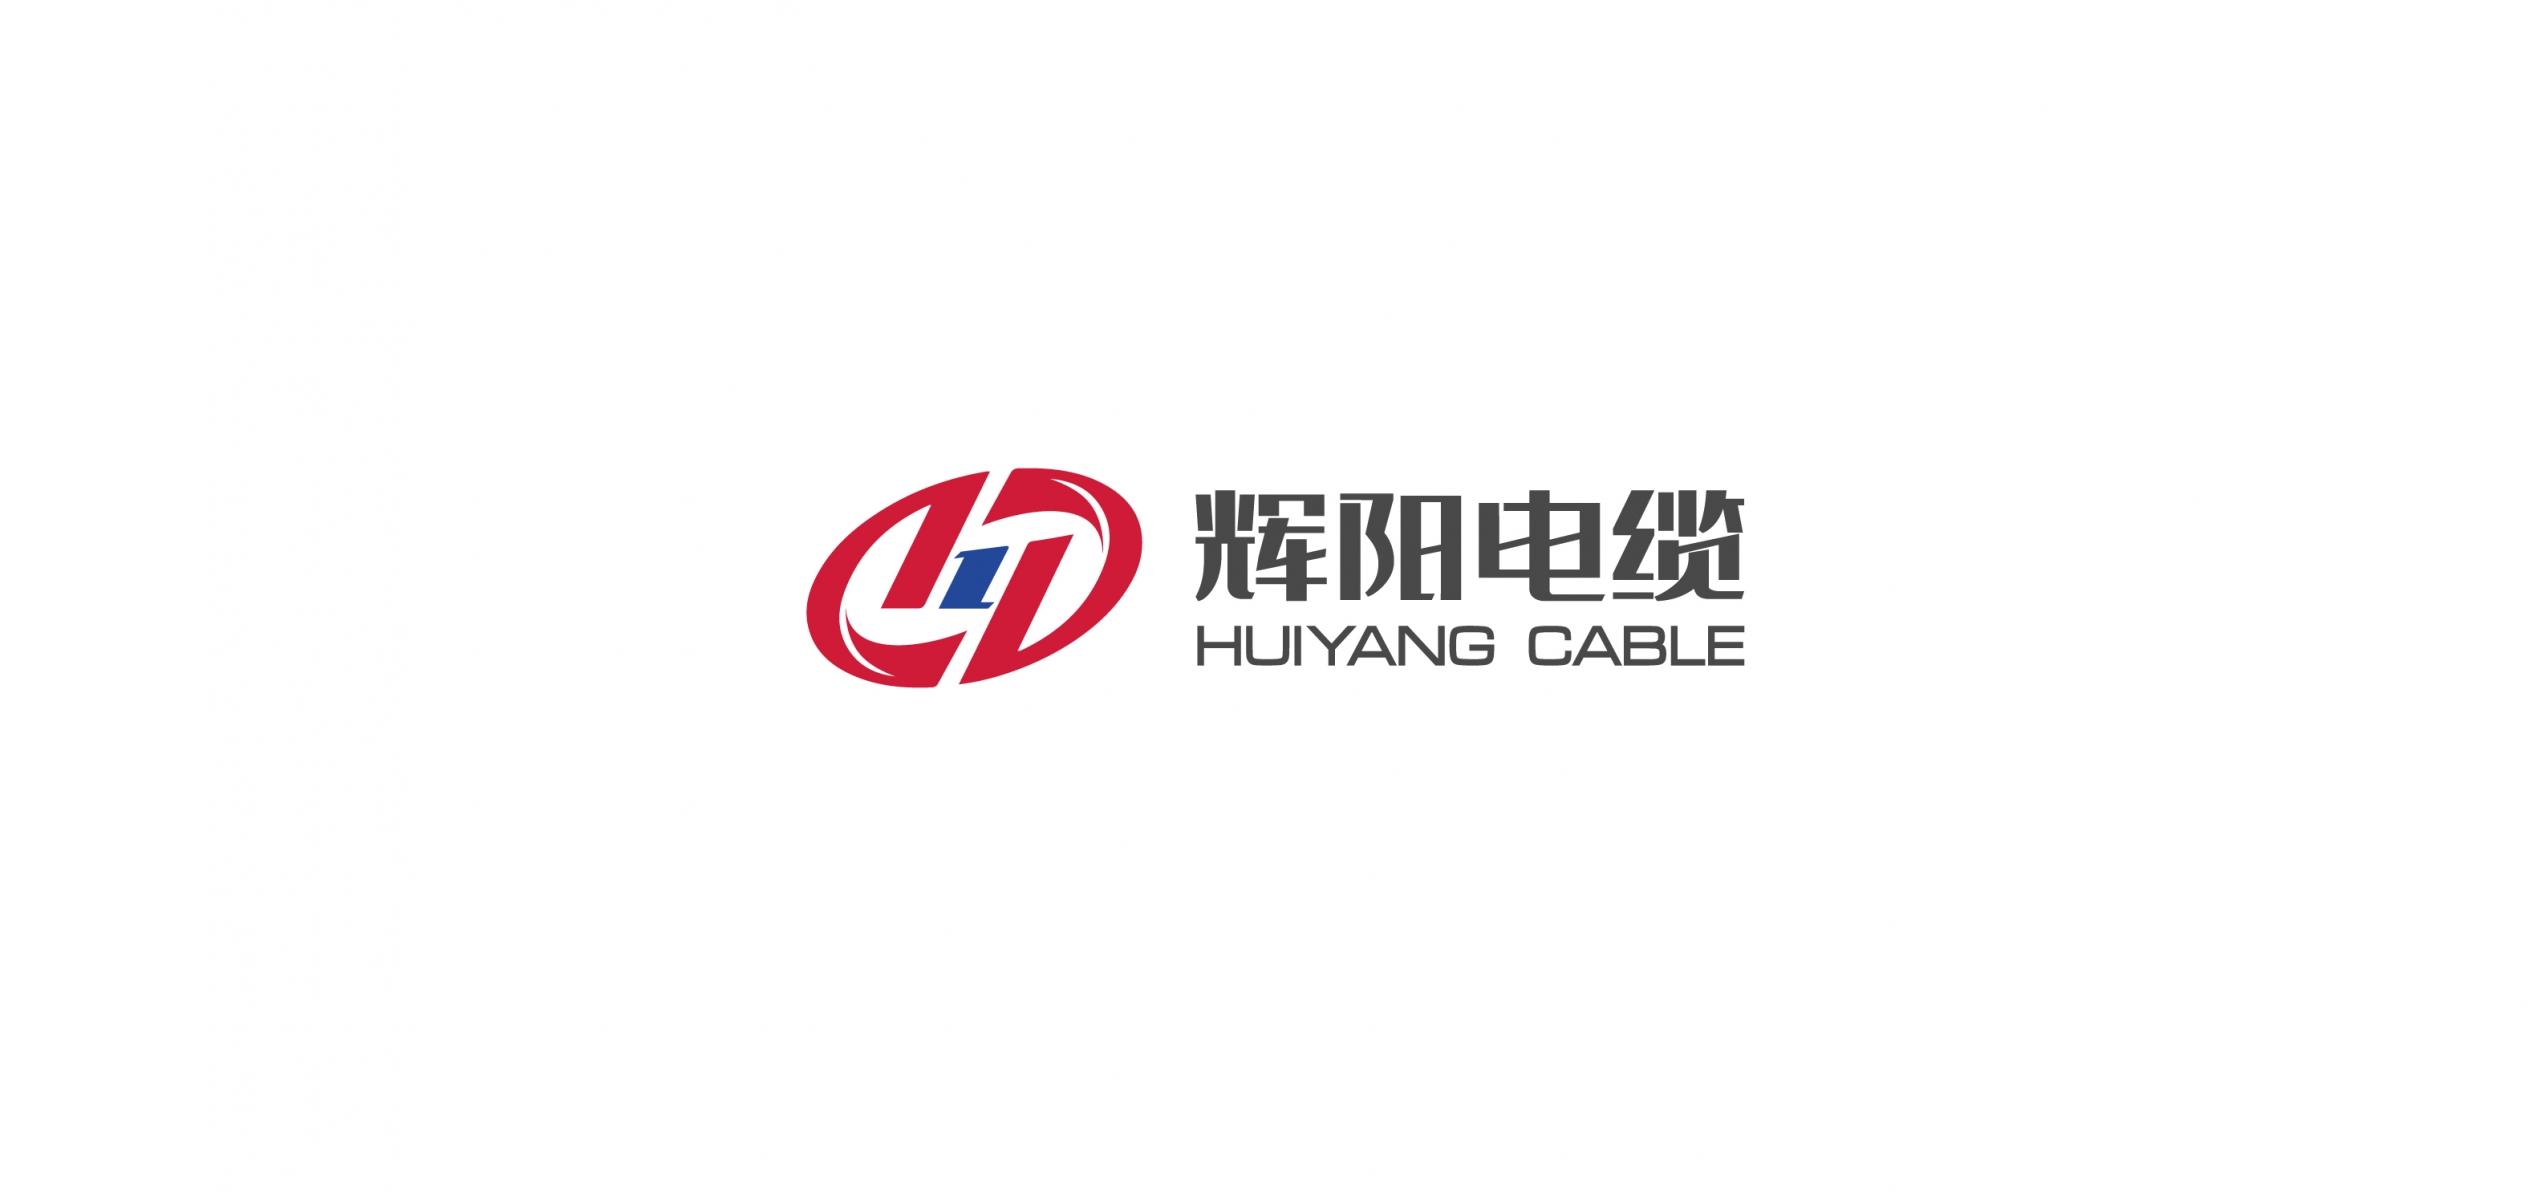 福建辉阳电缆科技有限公司